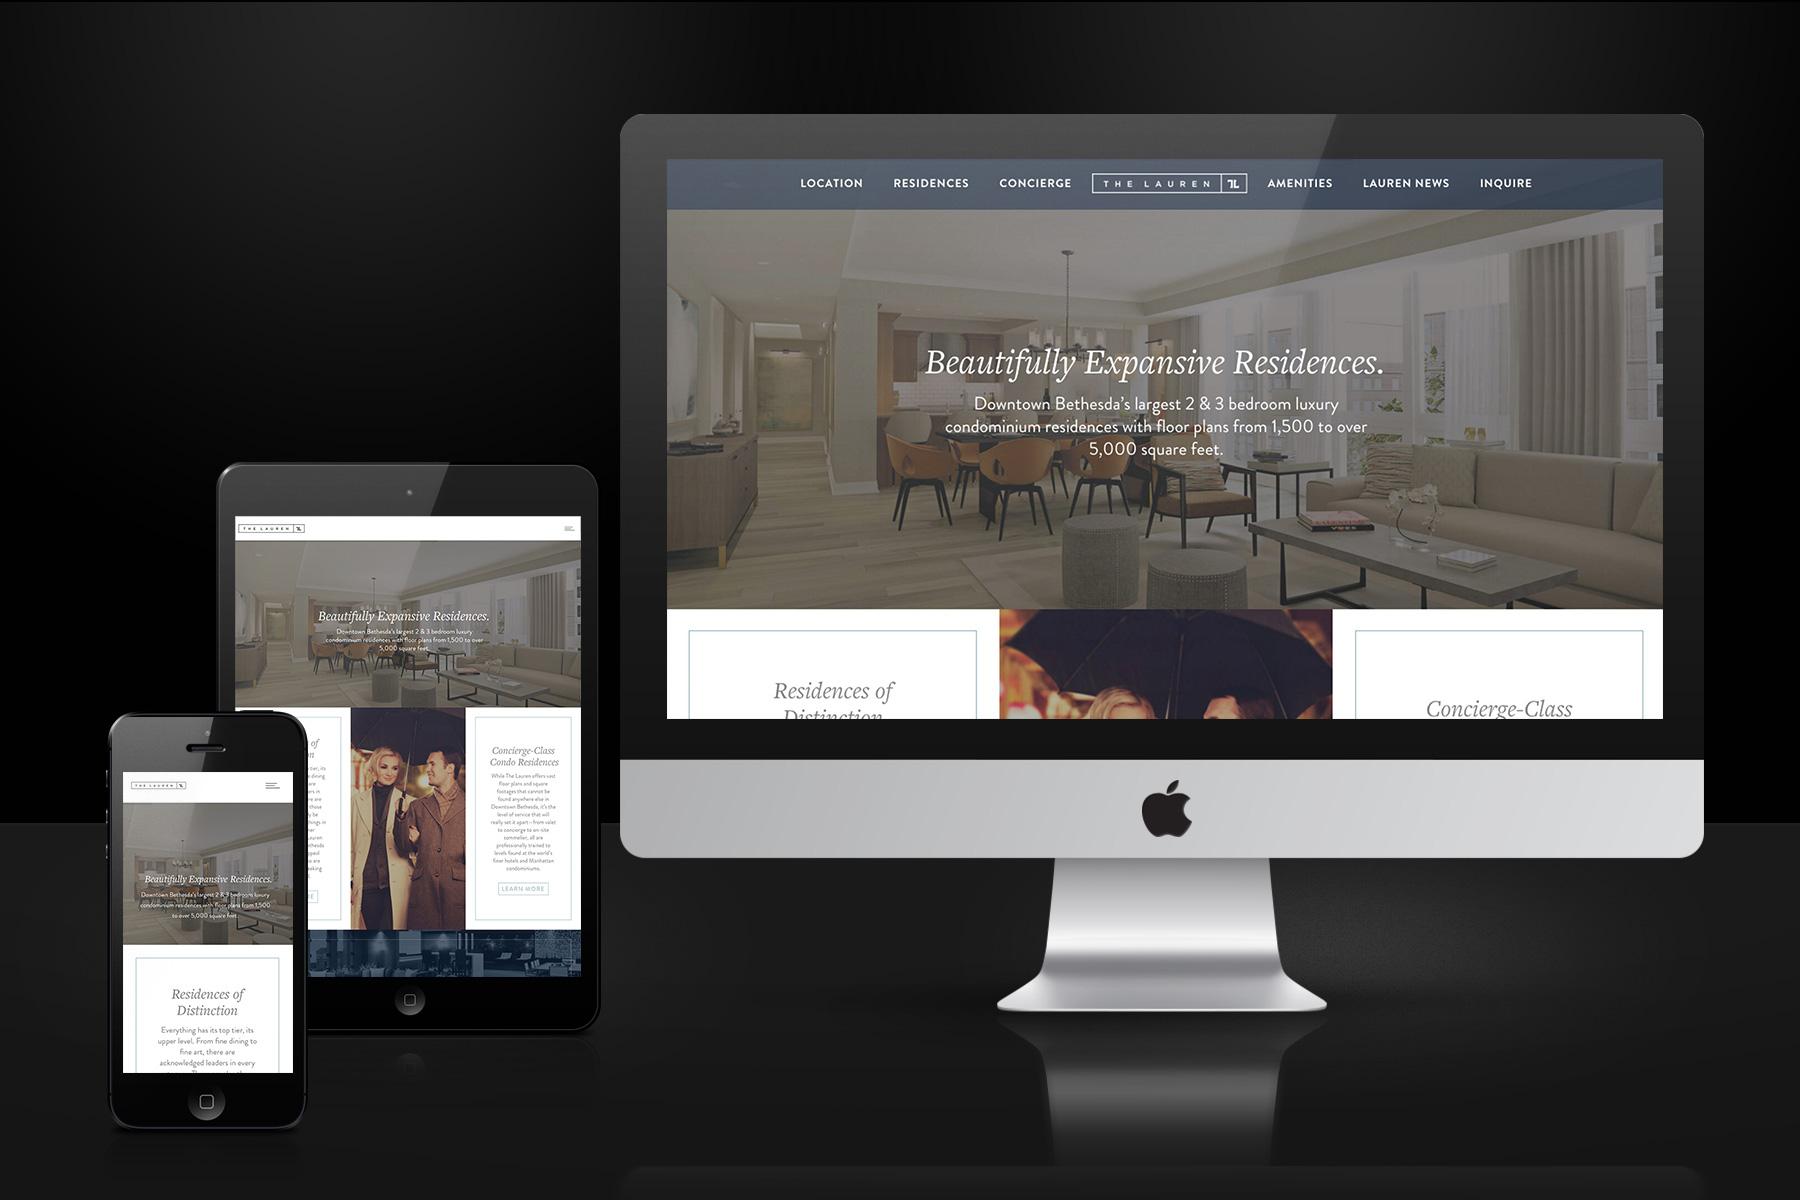 The Lauren Residences Website